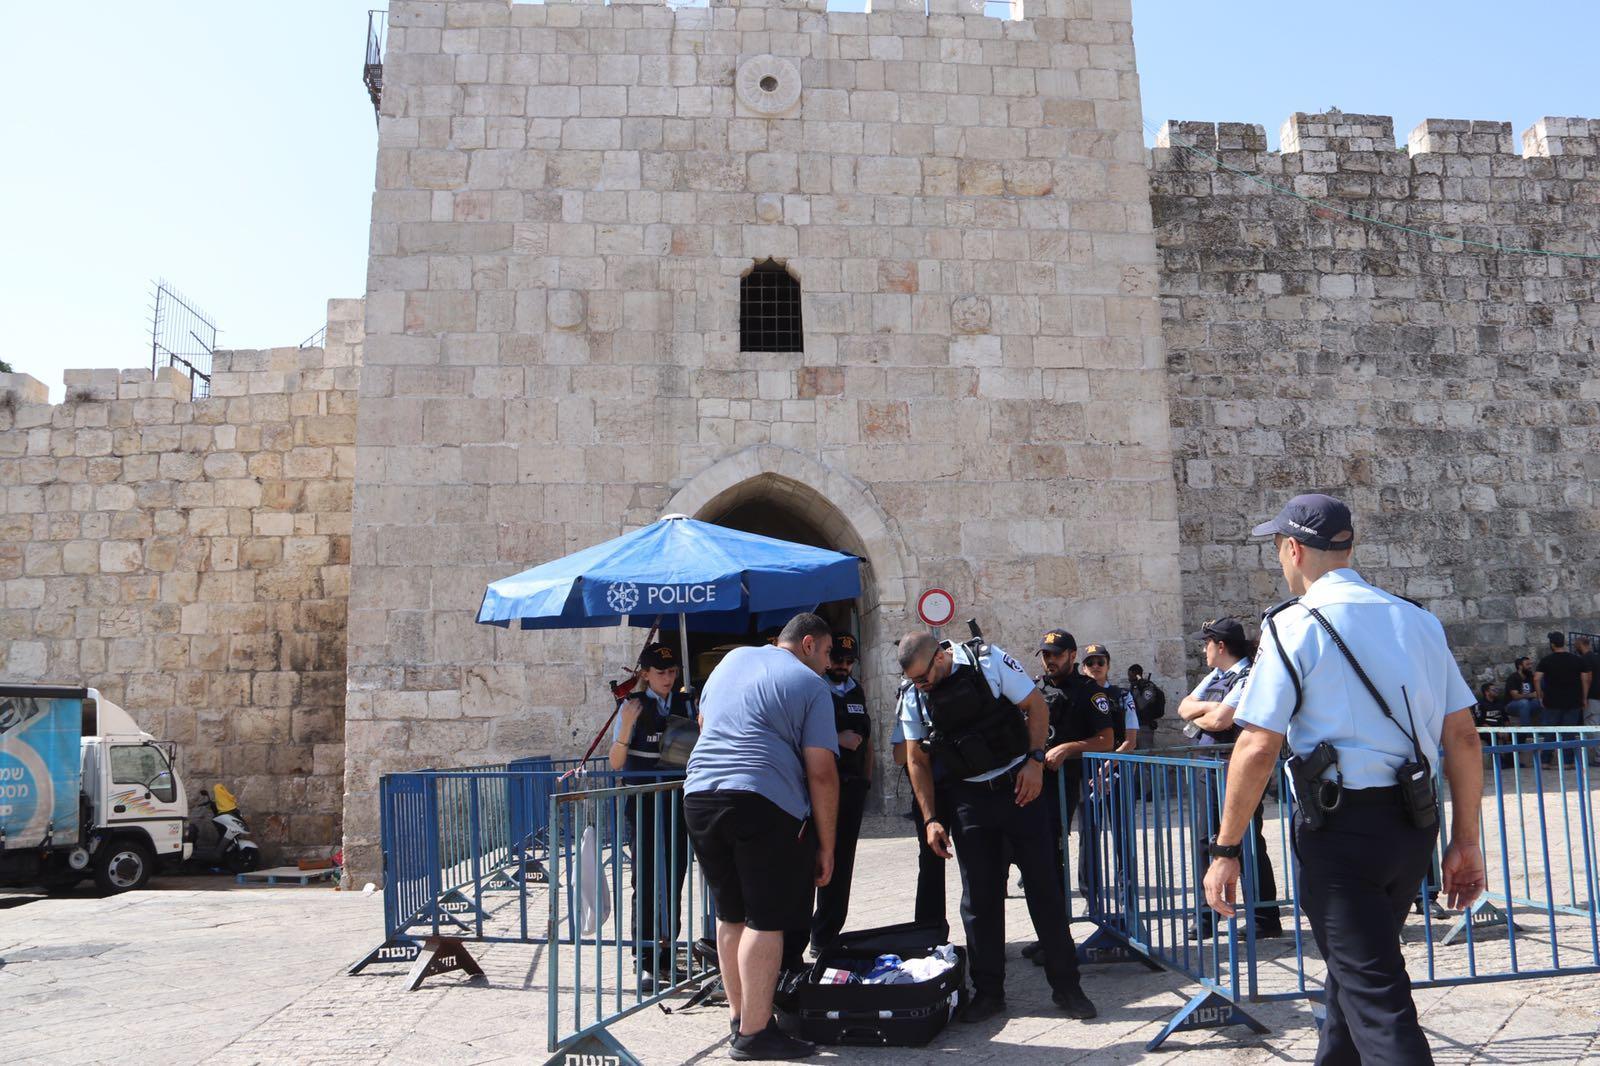 القدس: الاحتلال يعزز قواته ويفرض قيودا على المصلين